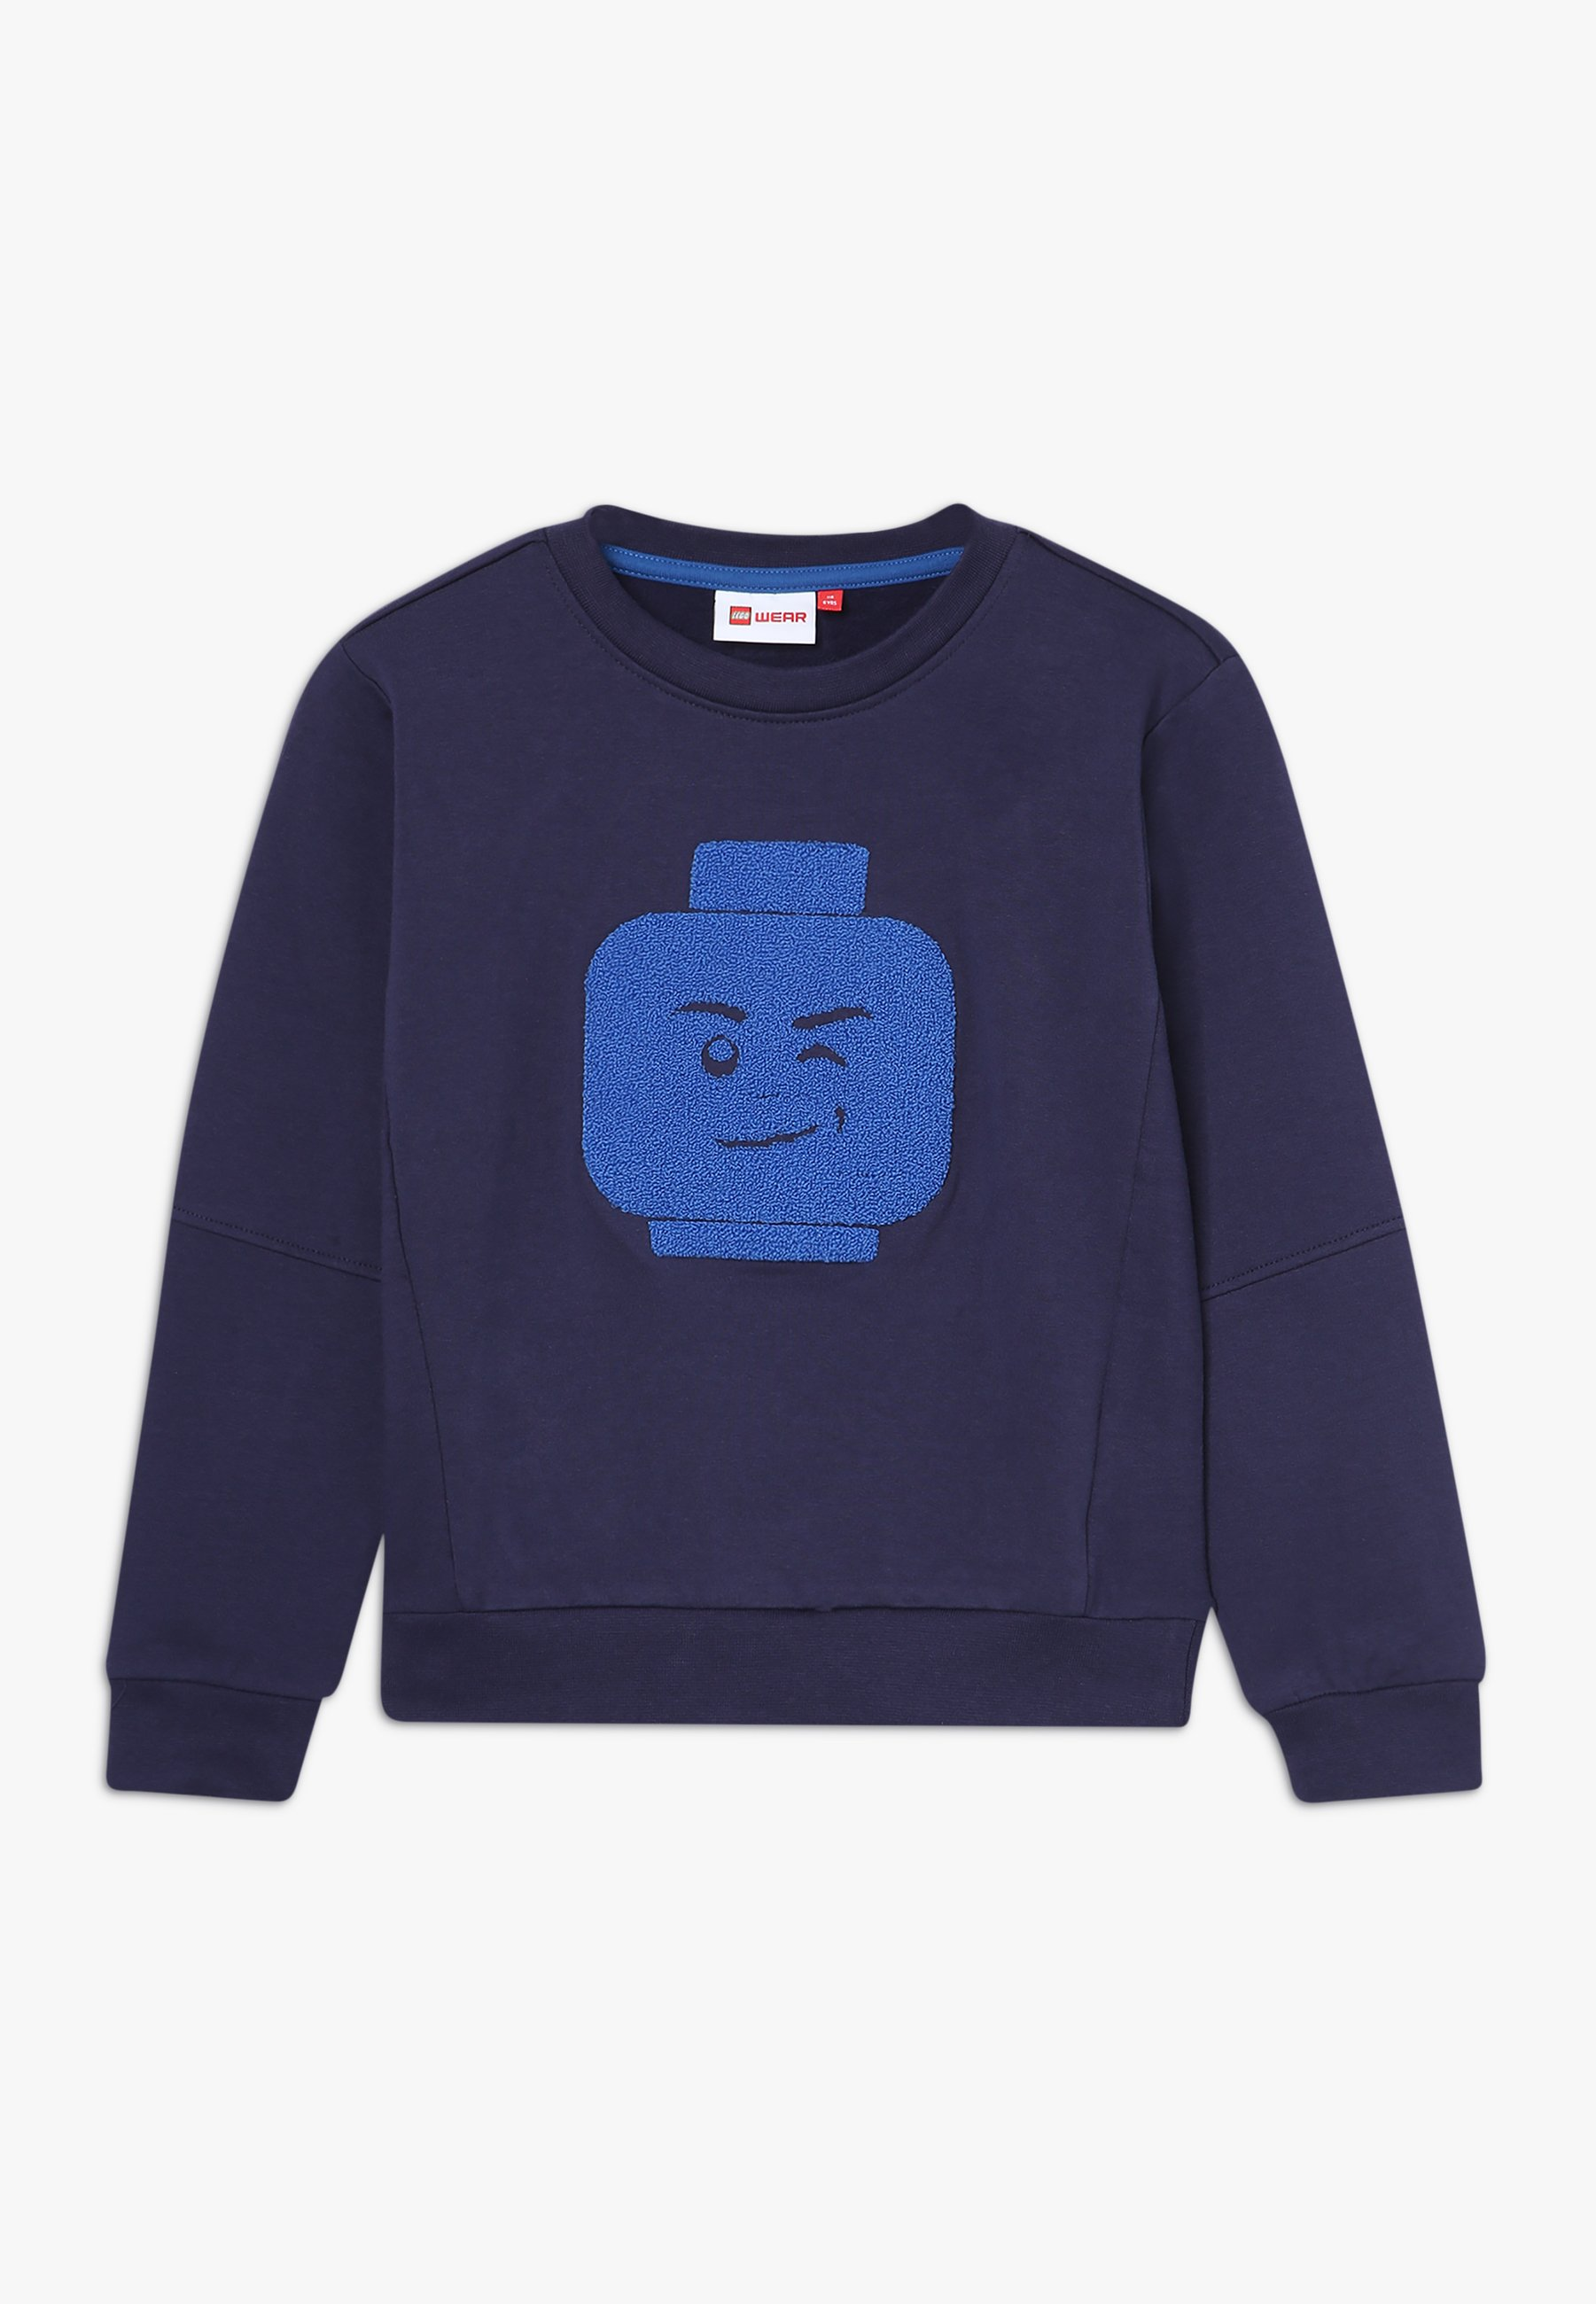 Große Förderung LEGO Wear SIAM 782 - Sweatshirt - dark navy | Damenbekleidung 2020